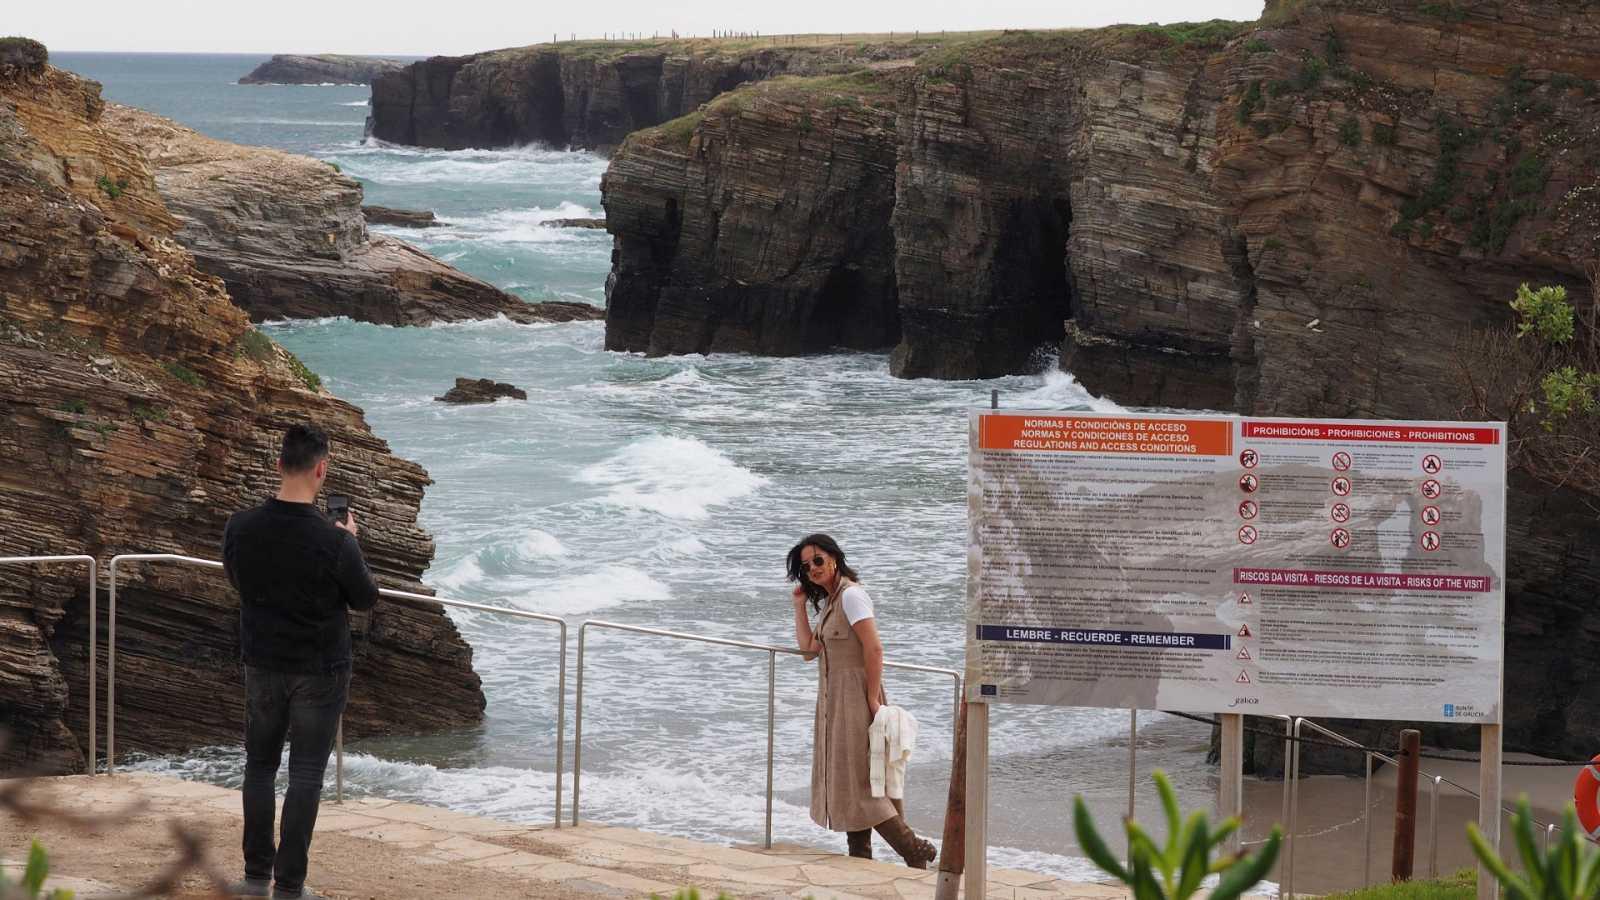 Galicia abandona el estado de alarma y se convierte en la primera comunidad en alcanzar la nueva normalidad